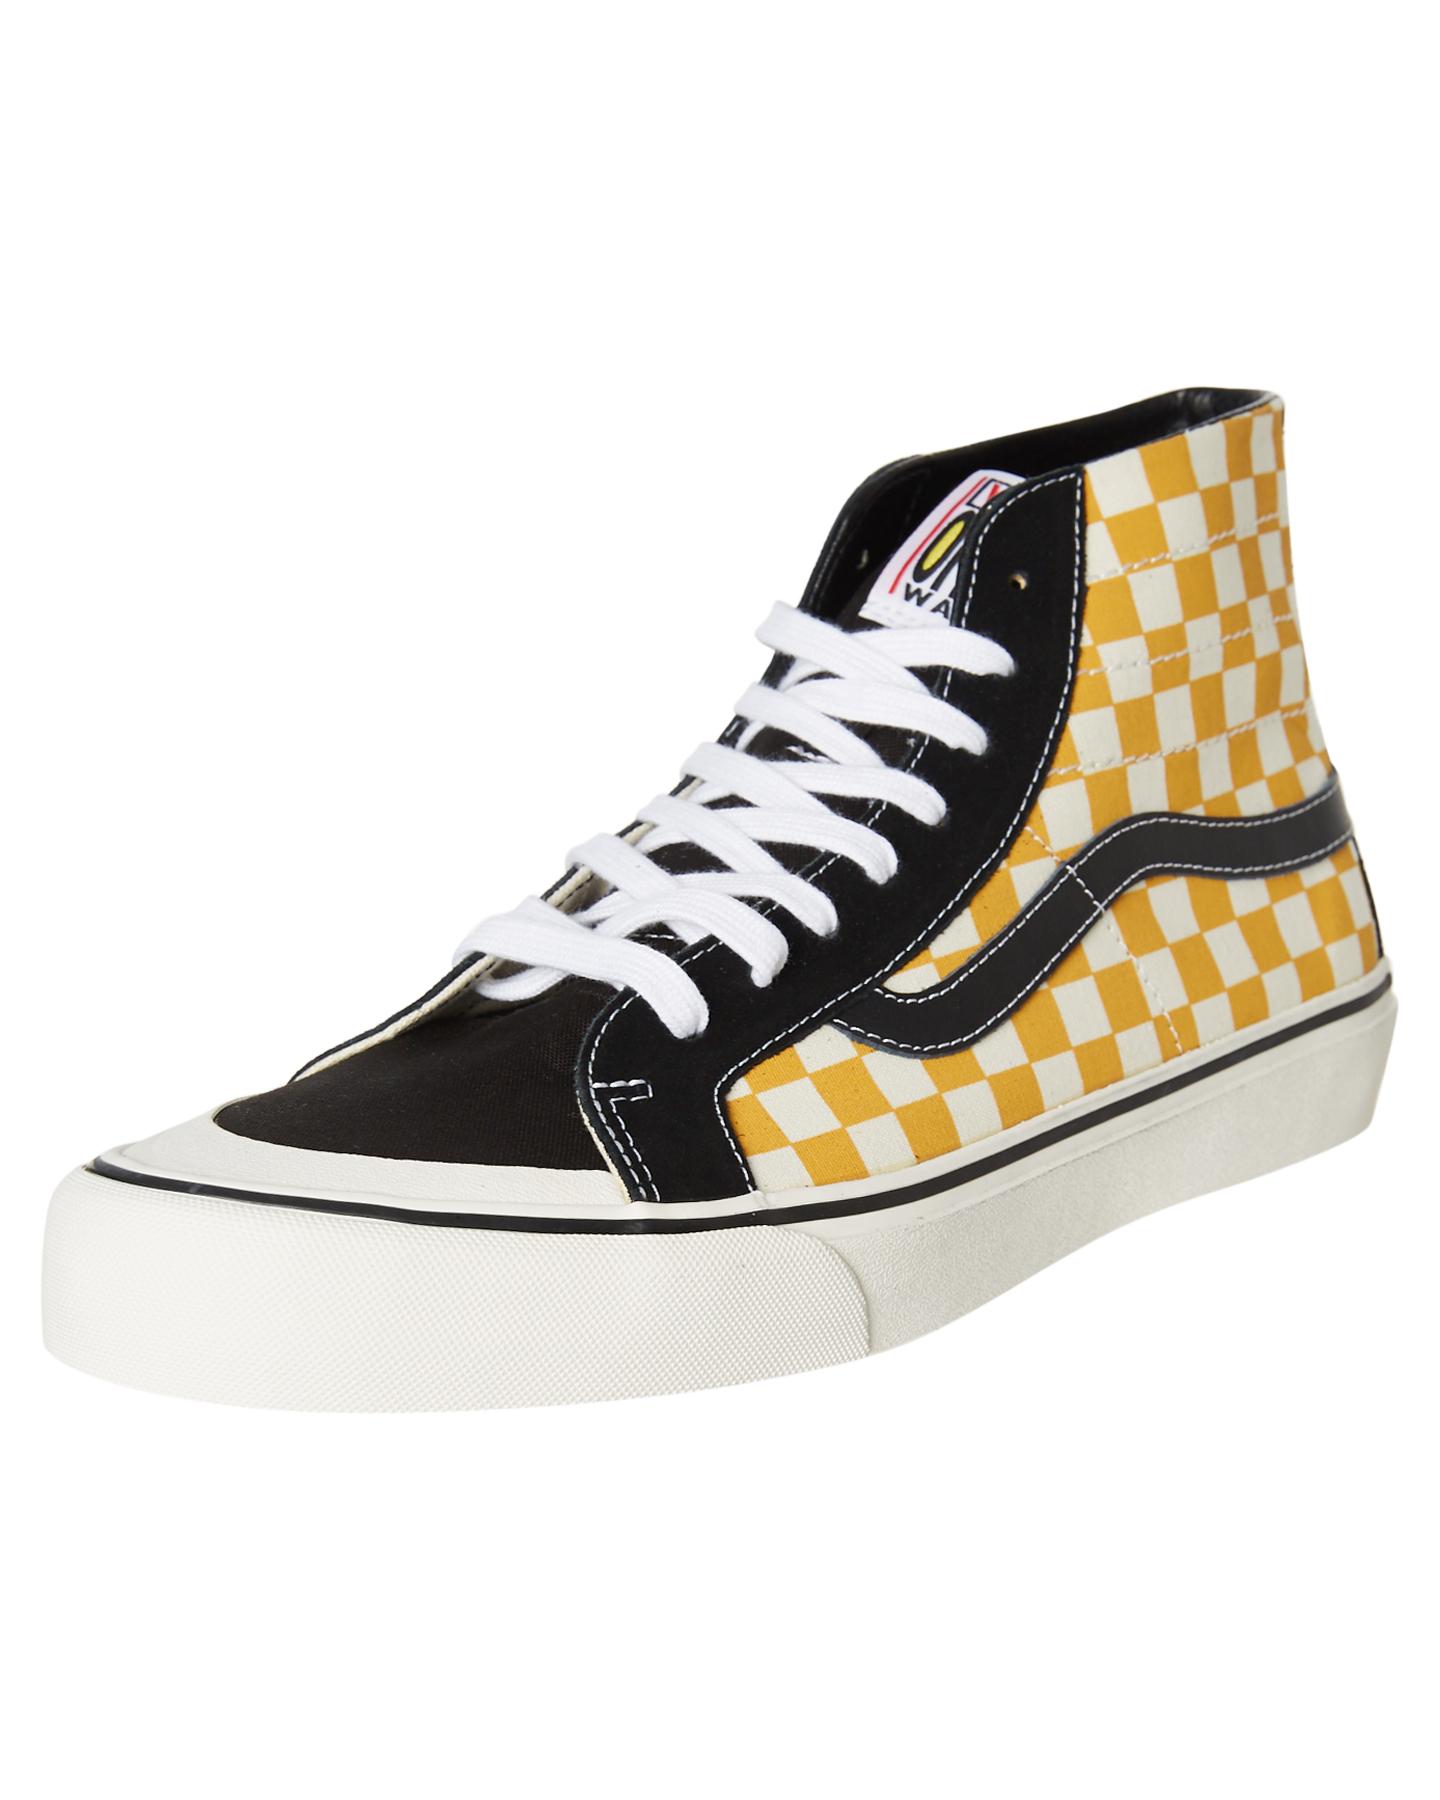 8fb66ea8f5 Vans Men s Sk8 Hi 138 Decon Sf Surf Check Shoe Rubber Canvas Black  Sunflower 10